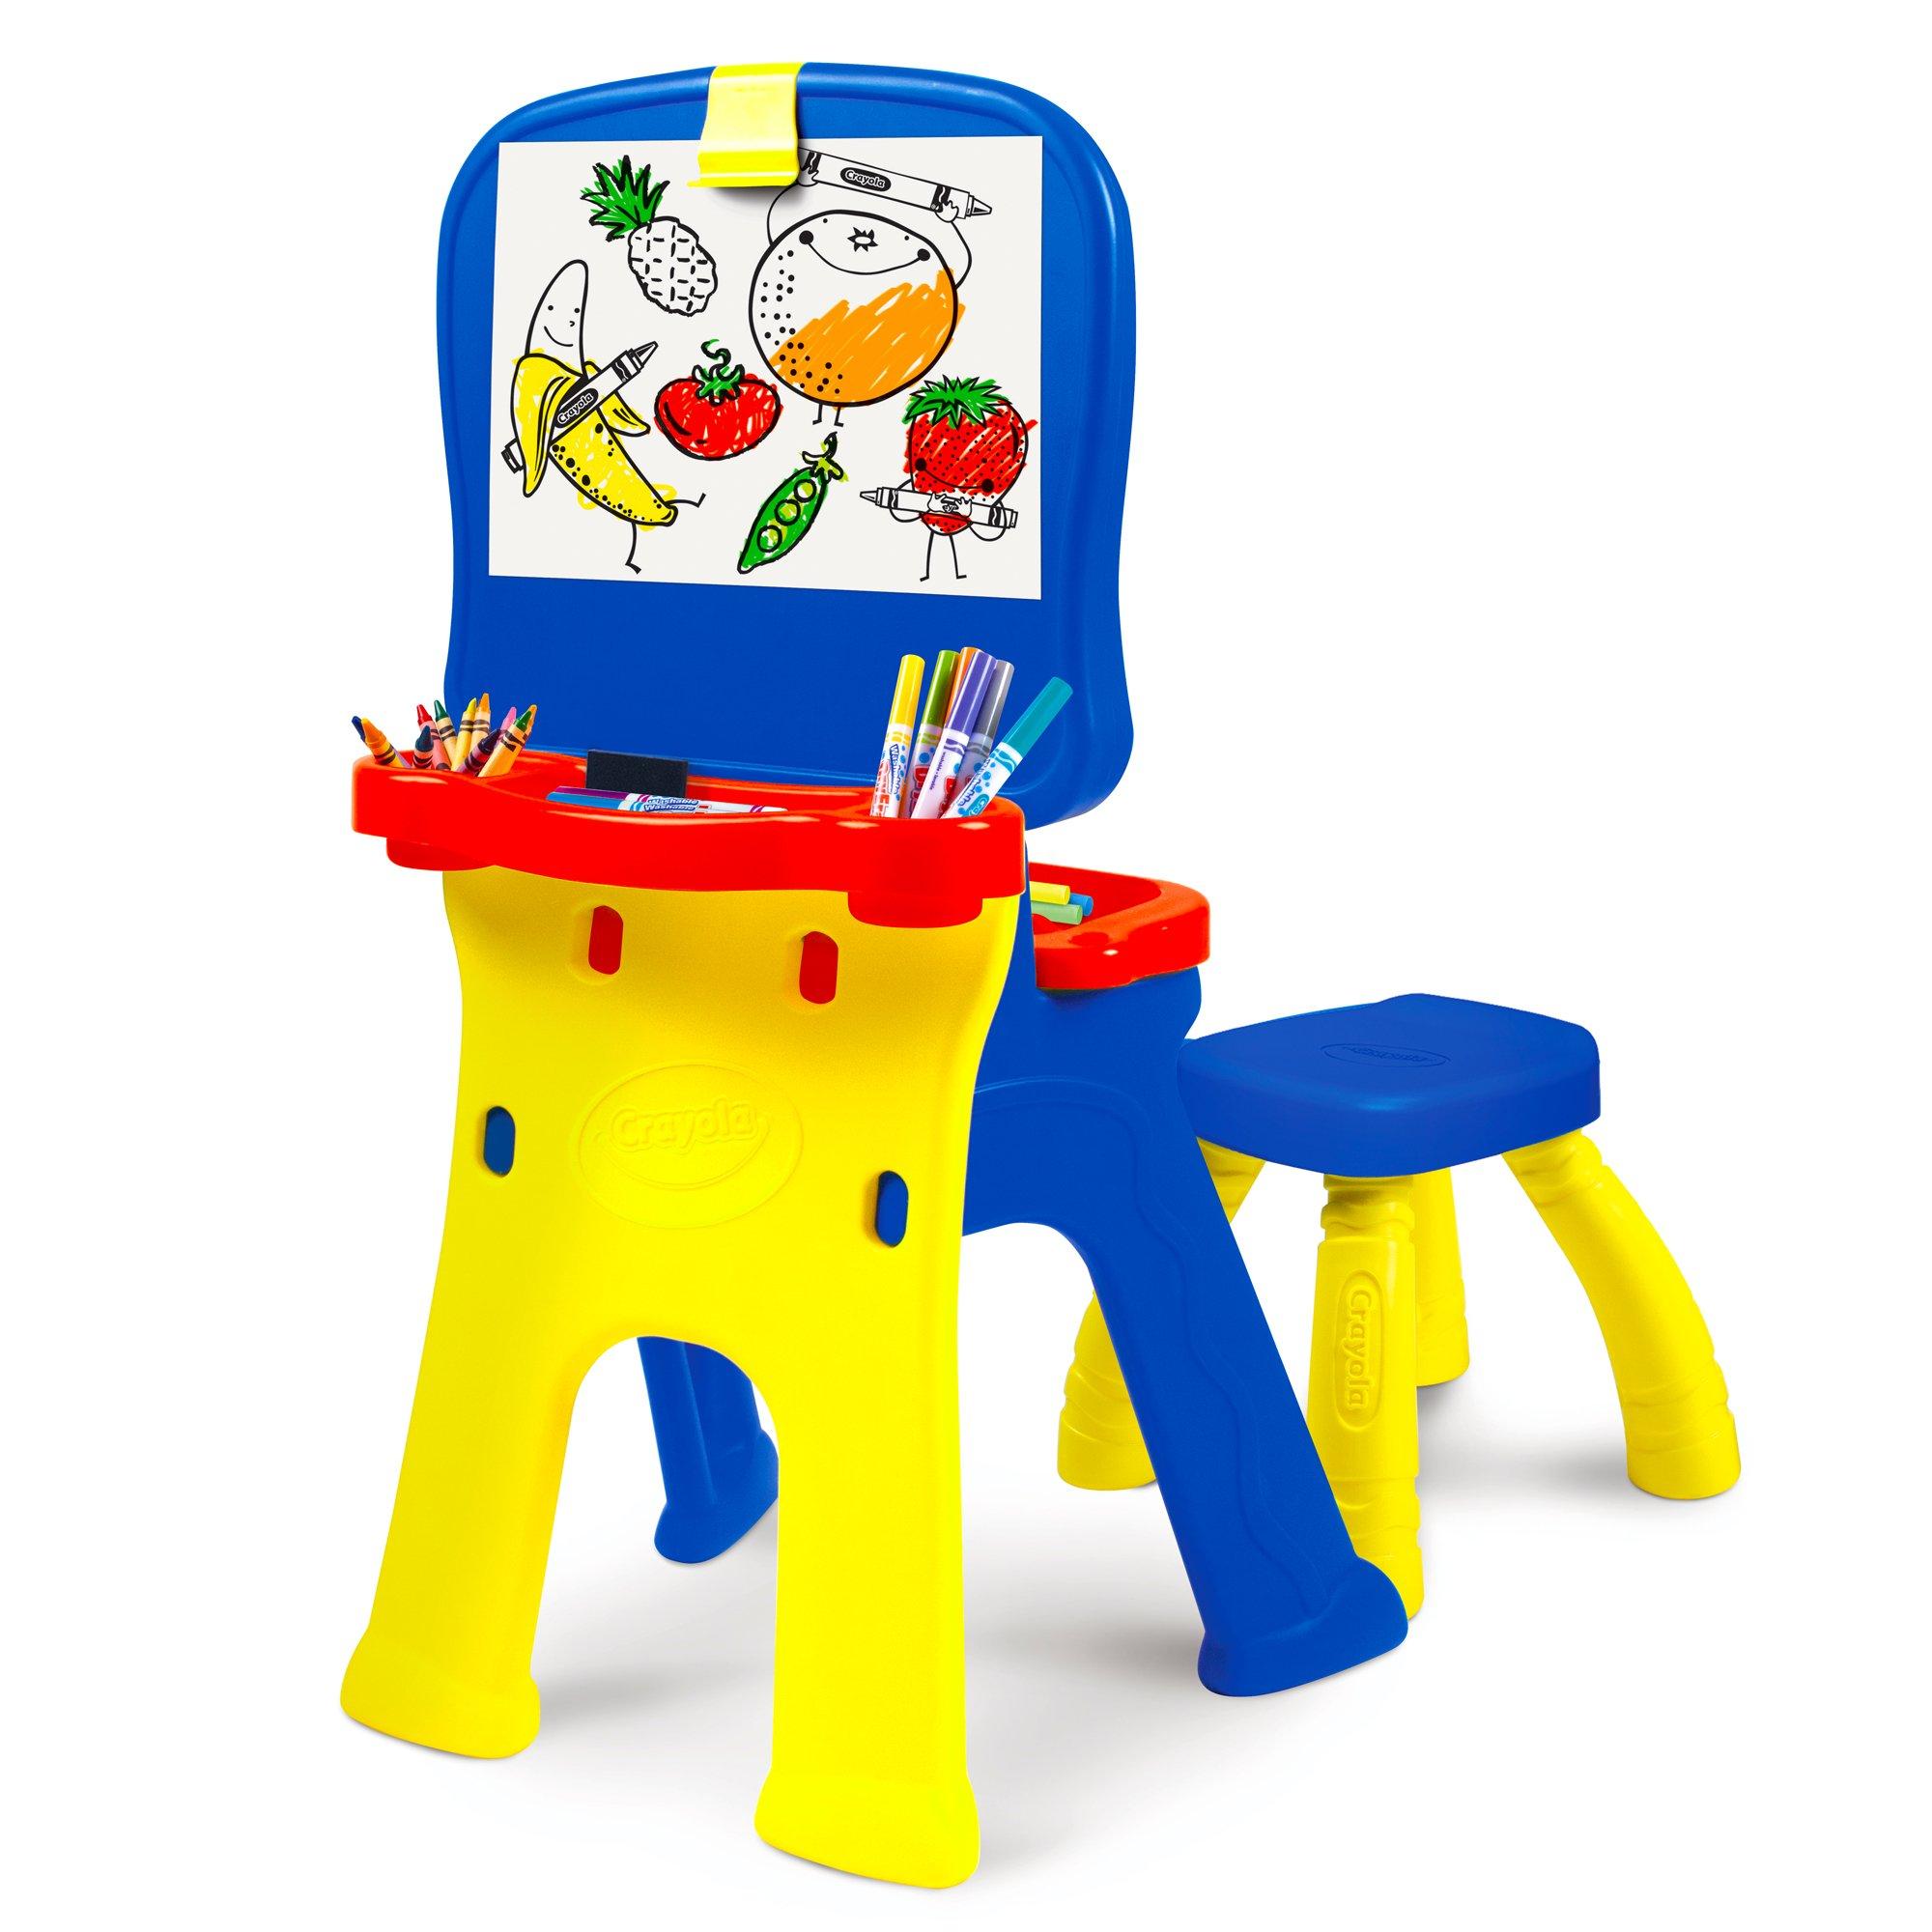 Crayola Triple-The-Fun Art Studio Kids Easel